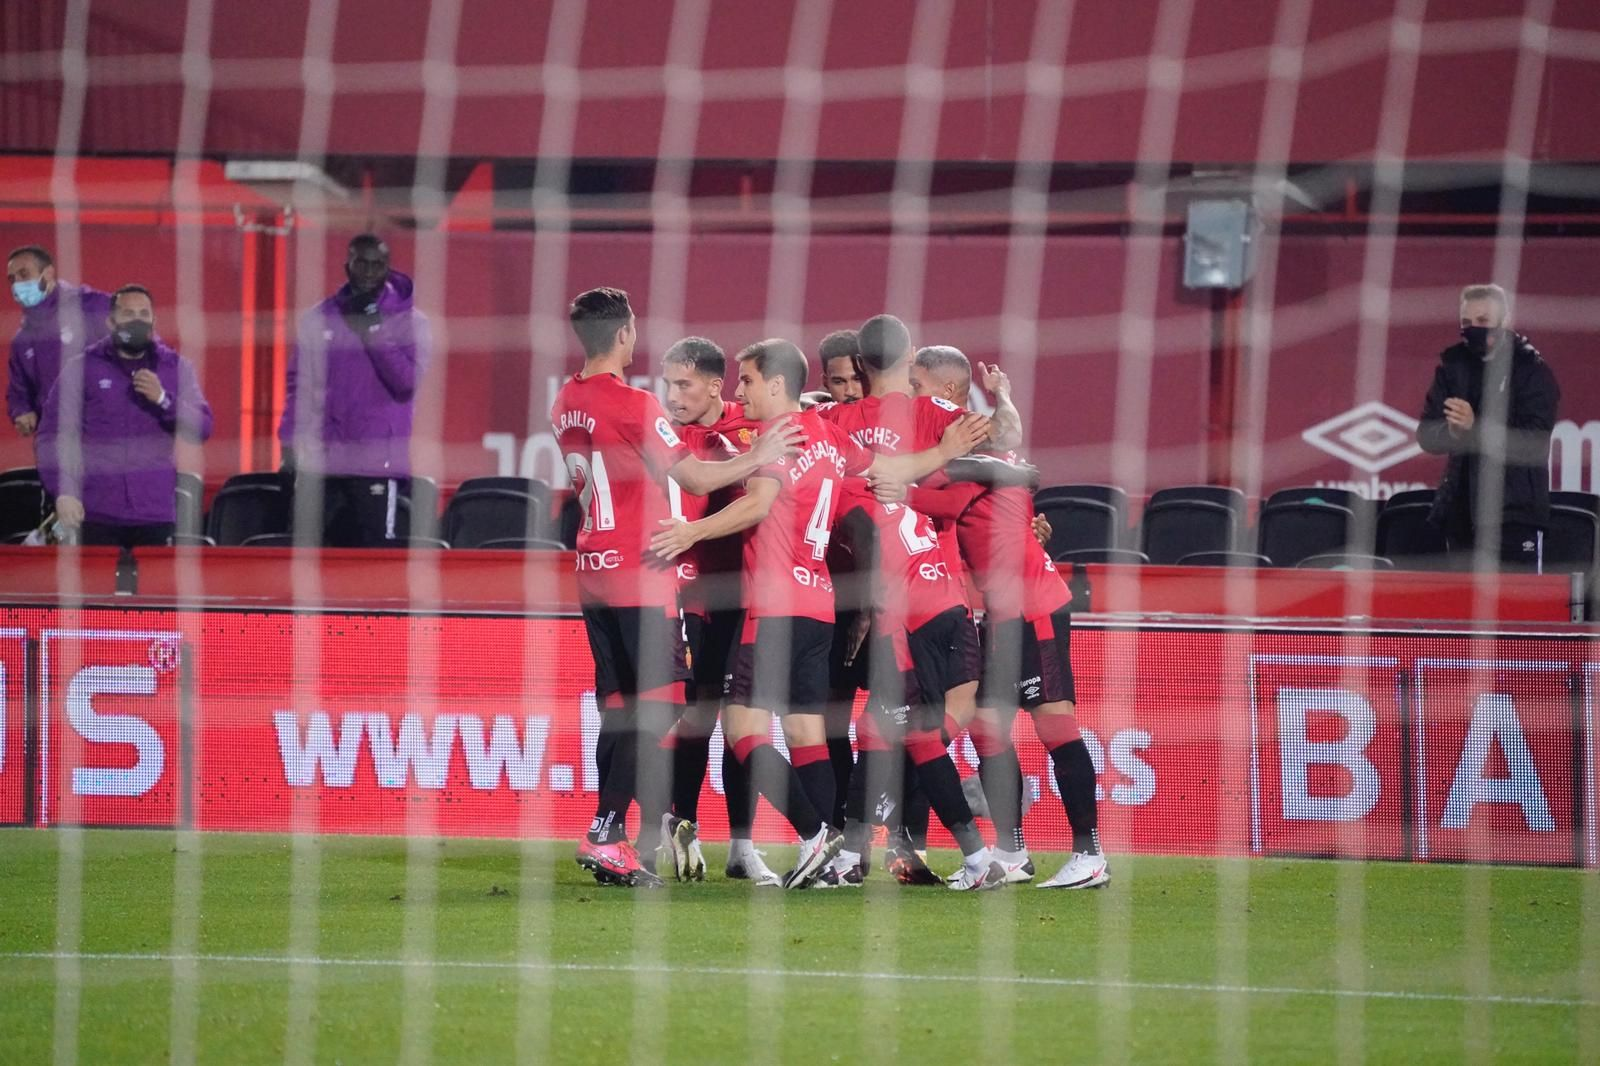 El Mallorca golea al Logroñés y se afianza en el liderato (4-0)